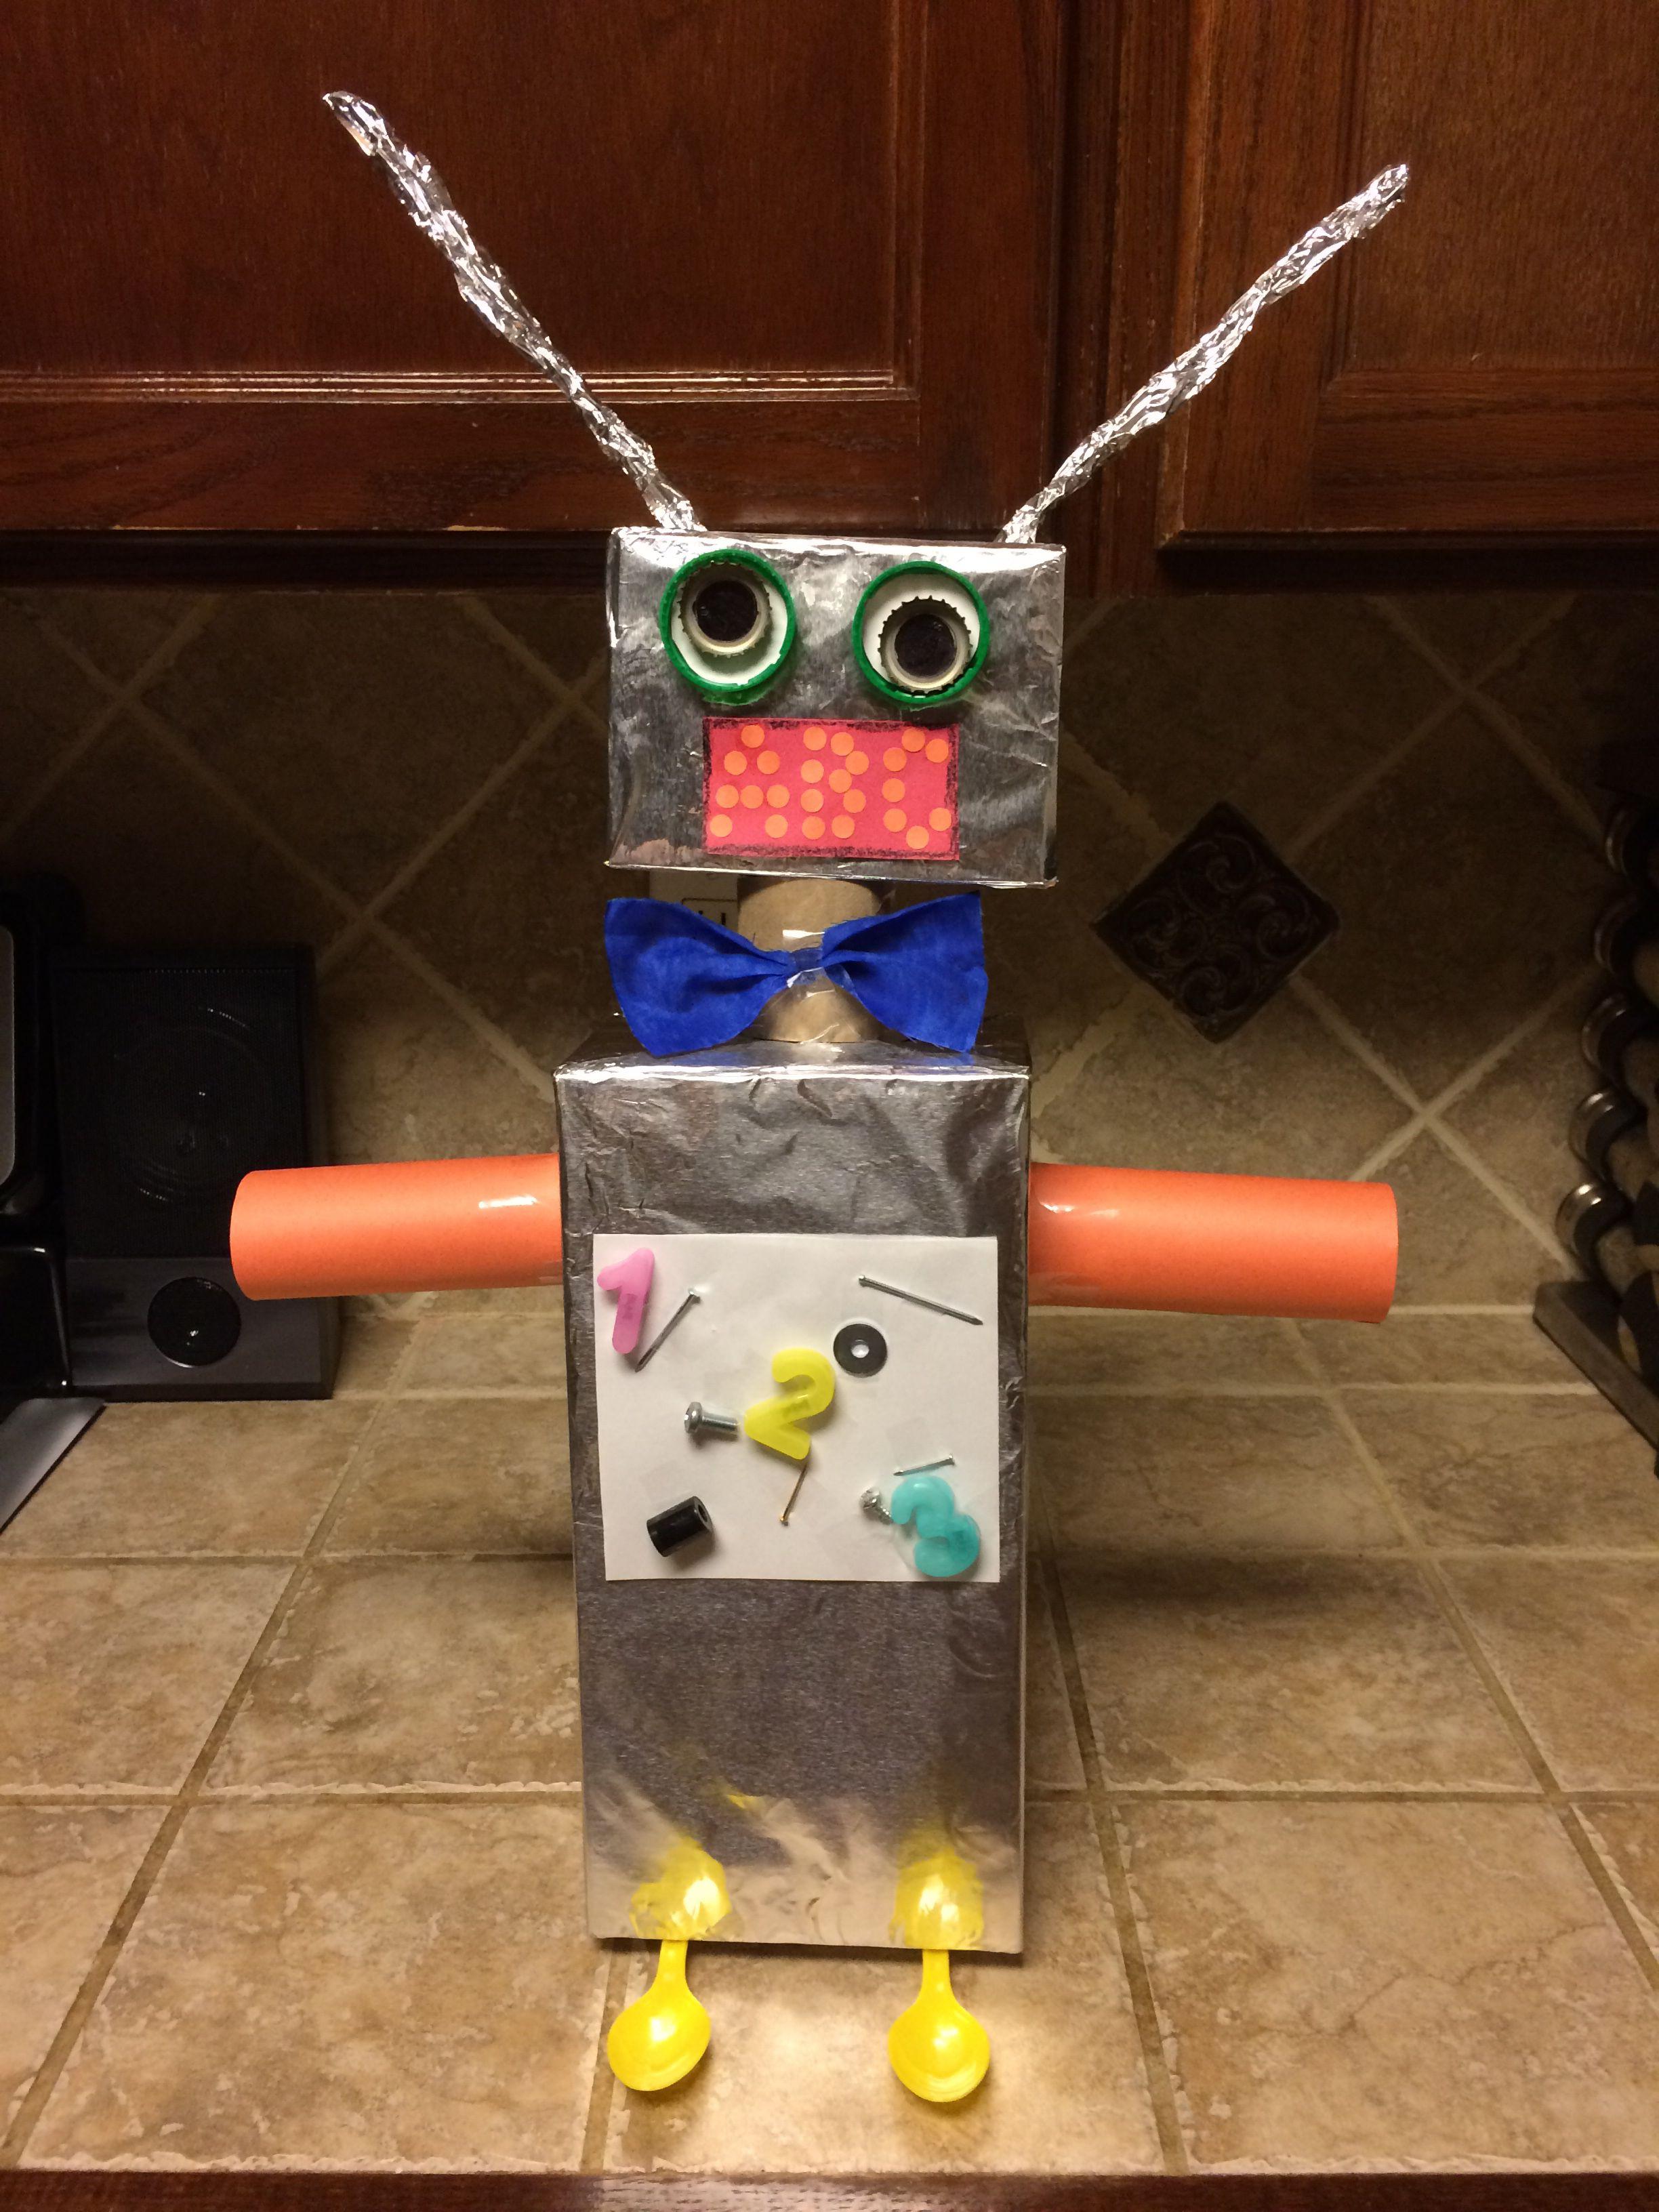 School Projects Kindergarten Art Fun Ideas Mikeys Robot Made From